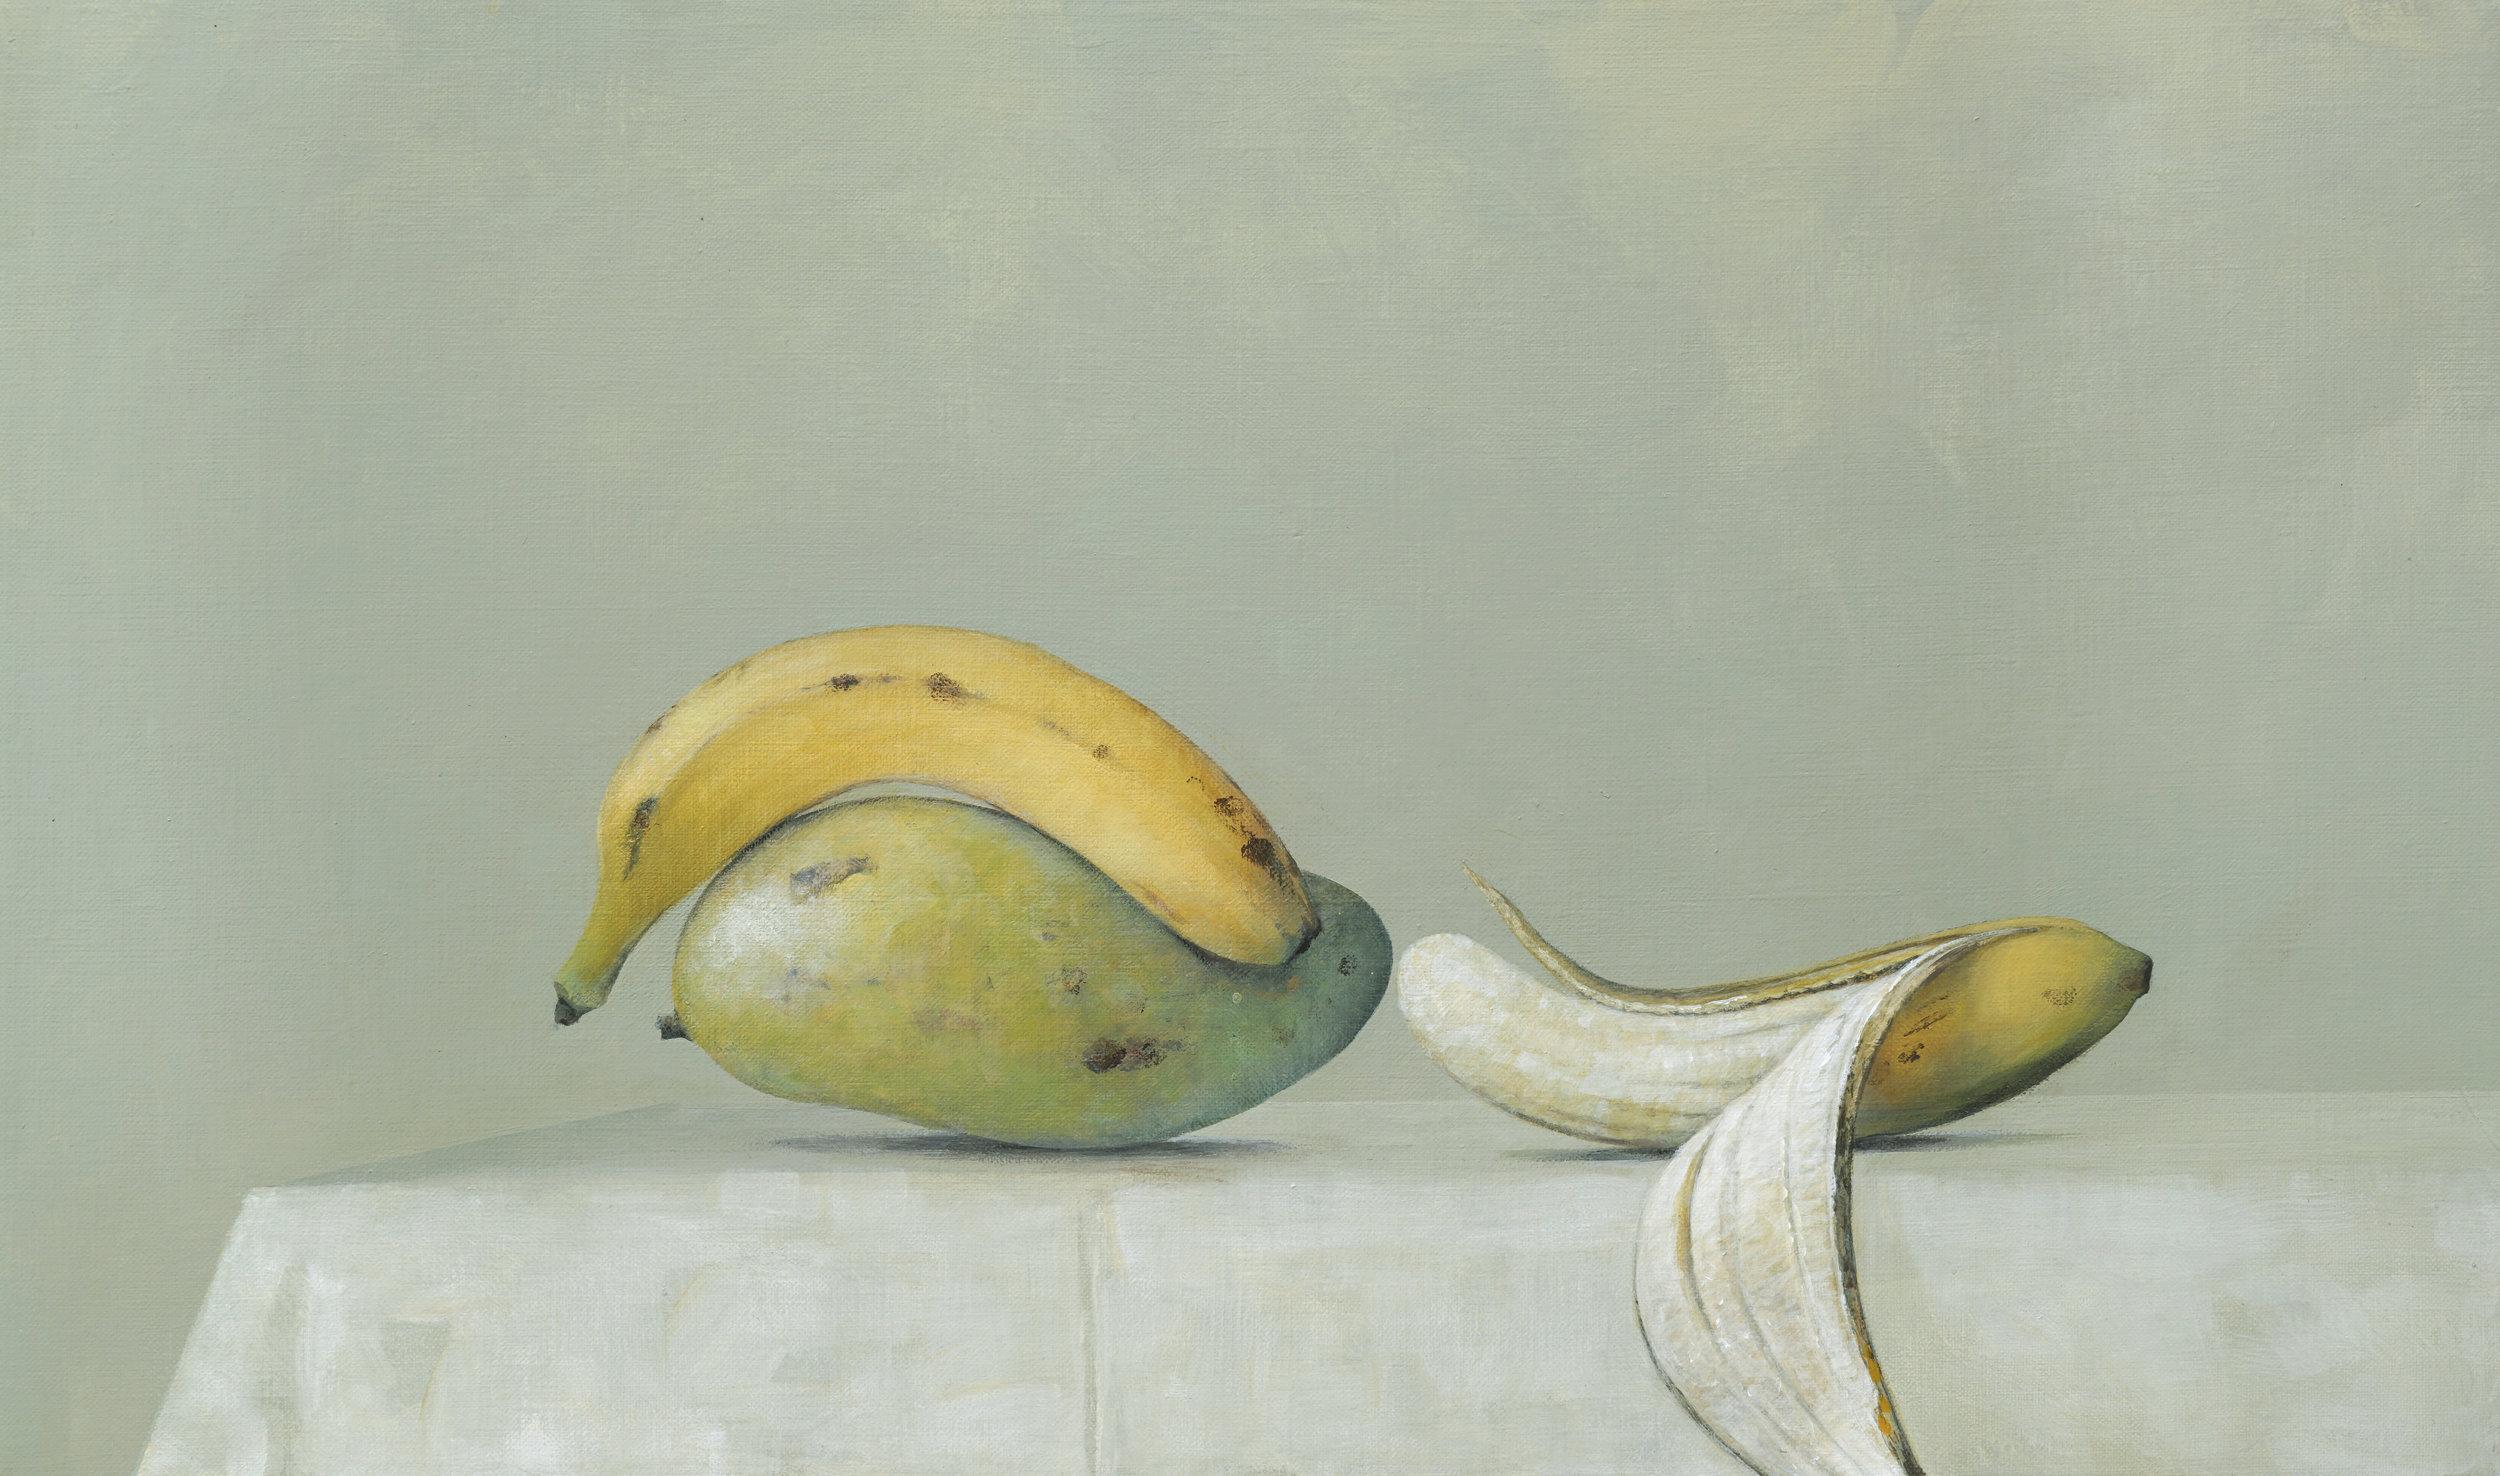 mango, 2 bananas jpeg.jpg